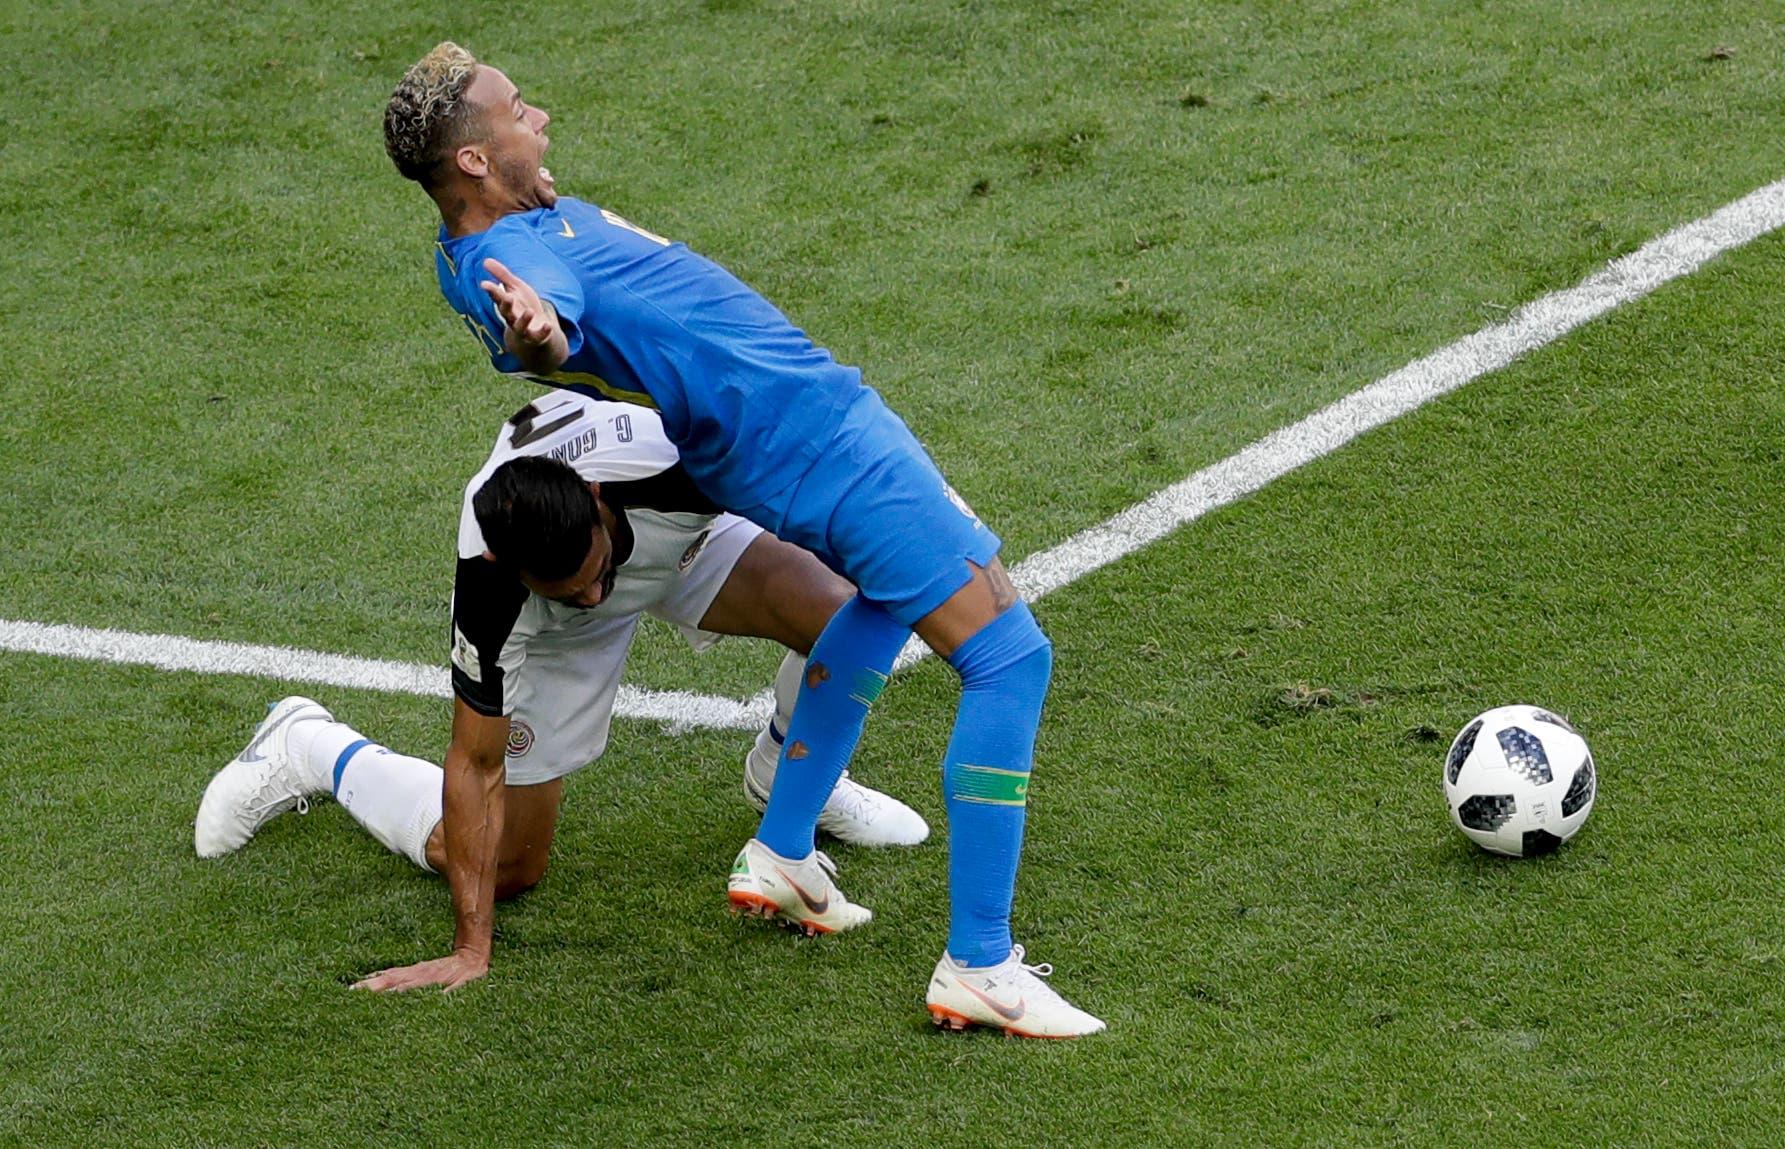 Brasil marca dos en el descuento (2-0) y elimina a Costa Rica del Mundial